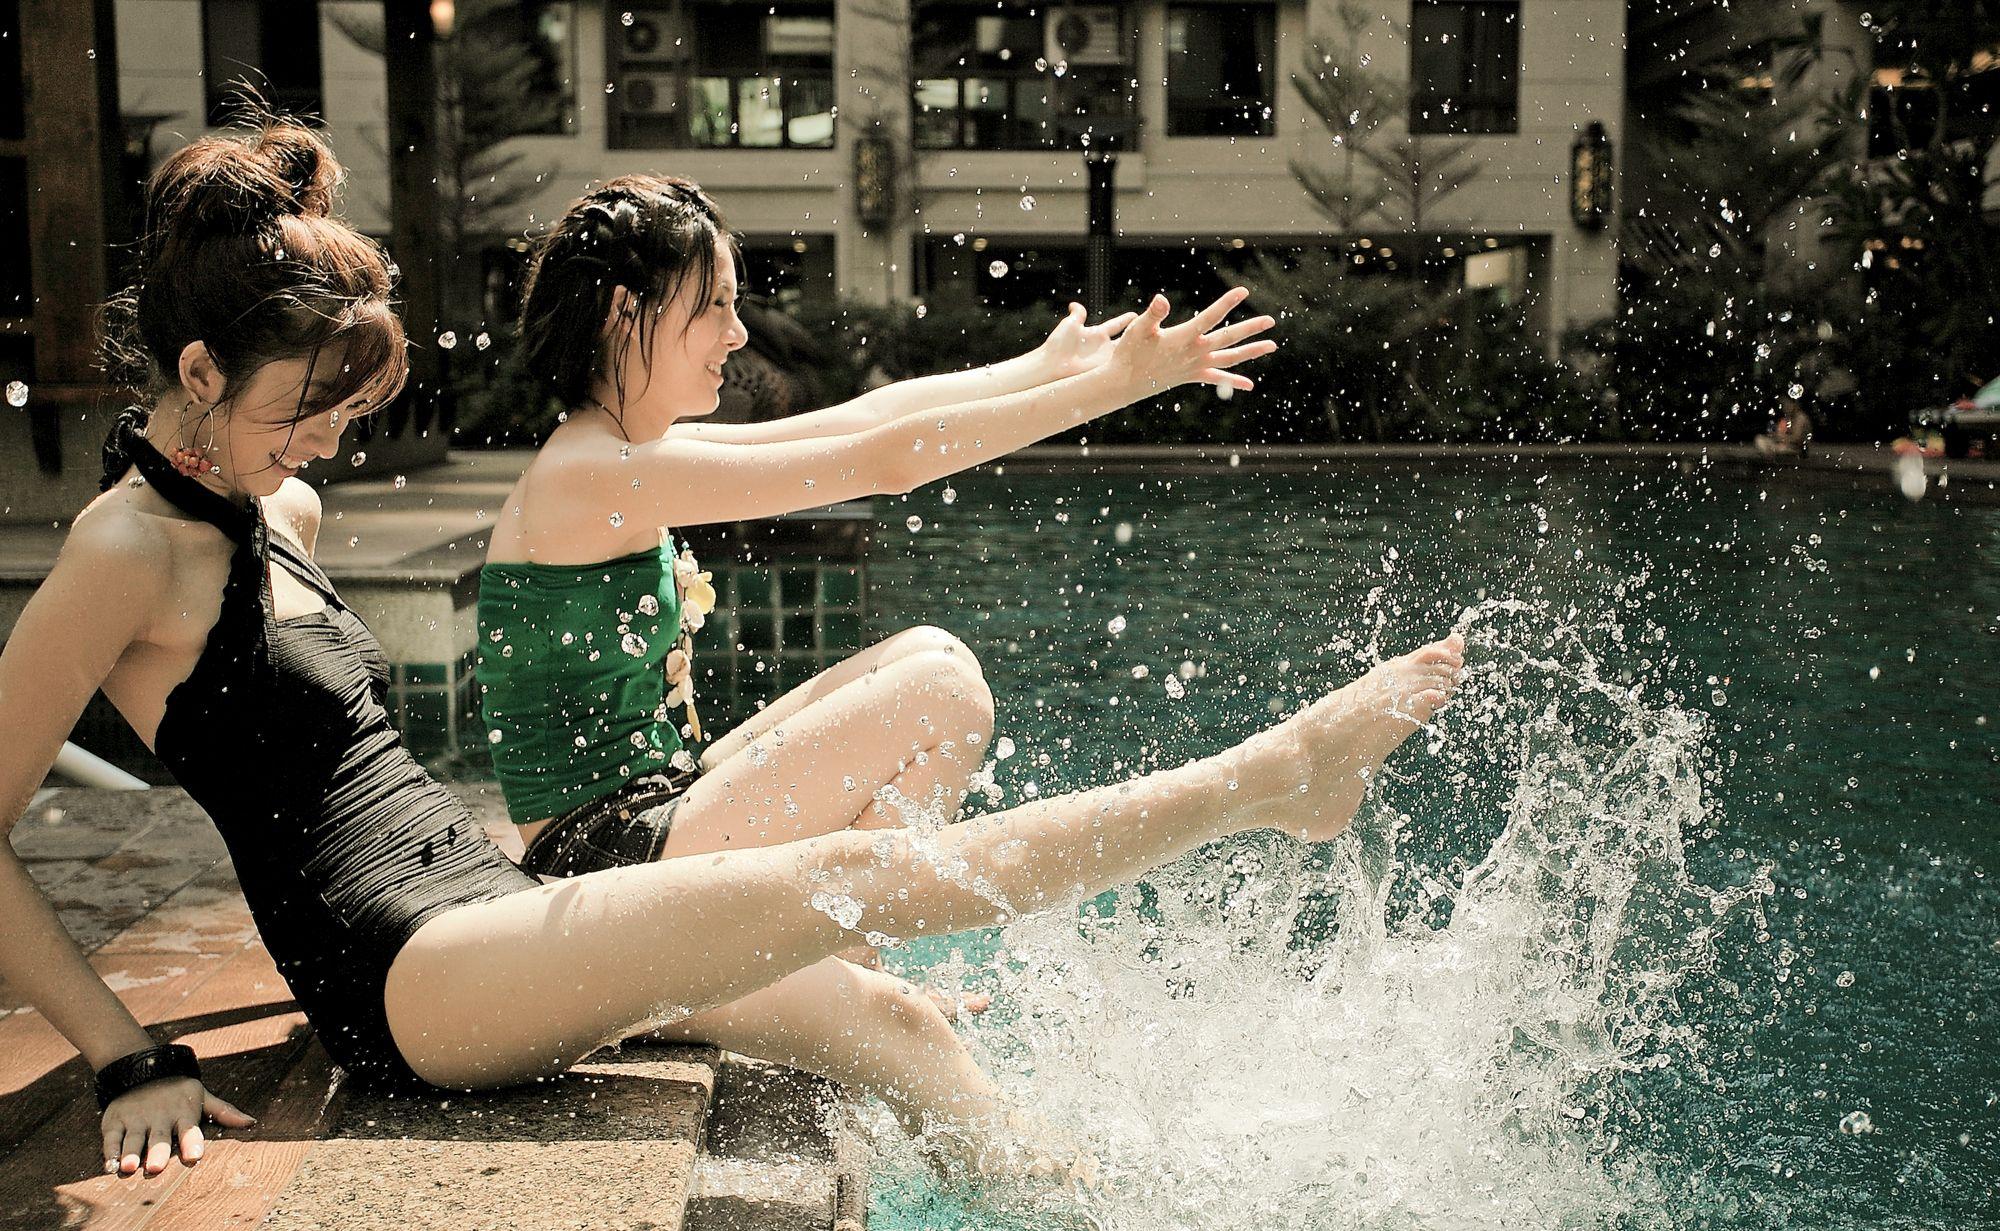 Girls enjoying the pool